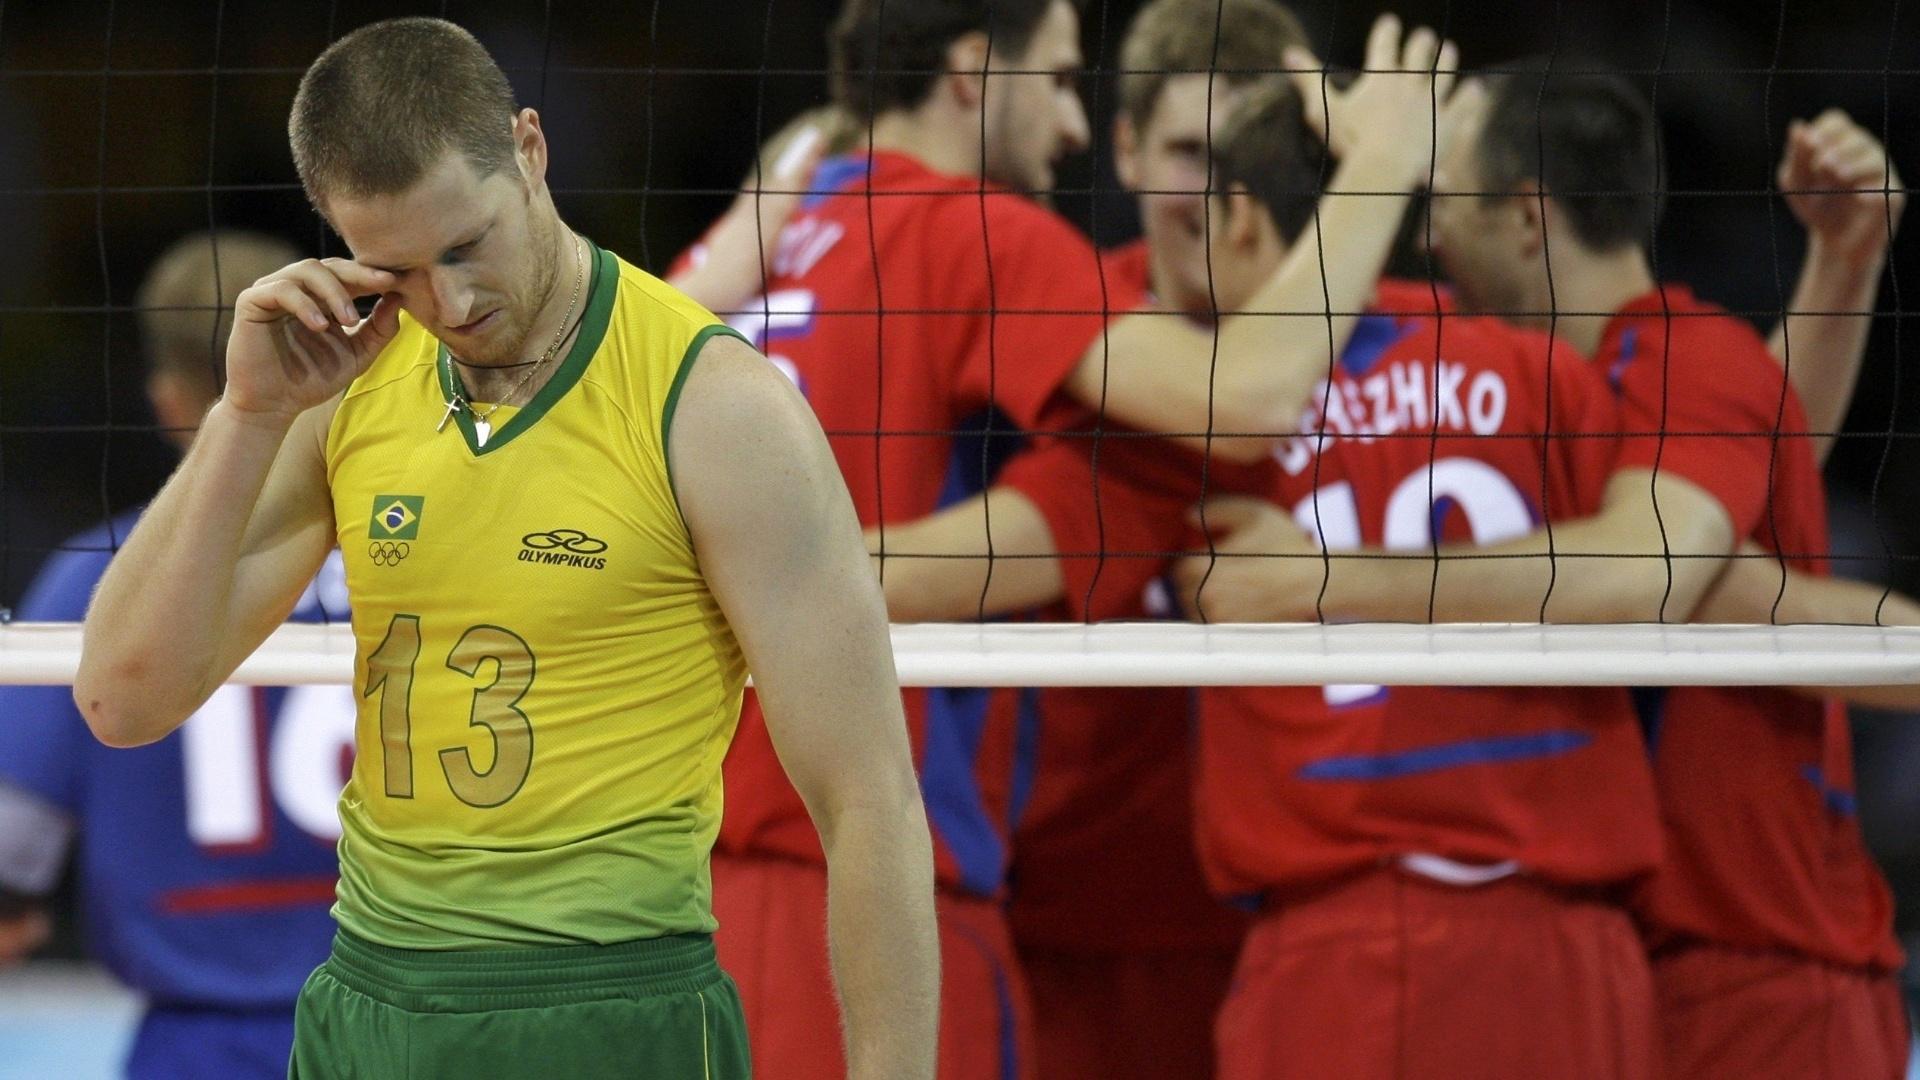 Nos Jogos de Pequim-2008, Gustavo ficou com a prata. Na final, o Brasil acabou derrotado pelos Estados Unidos.